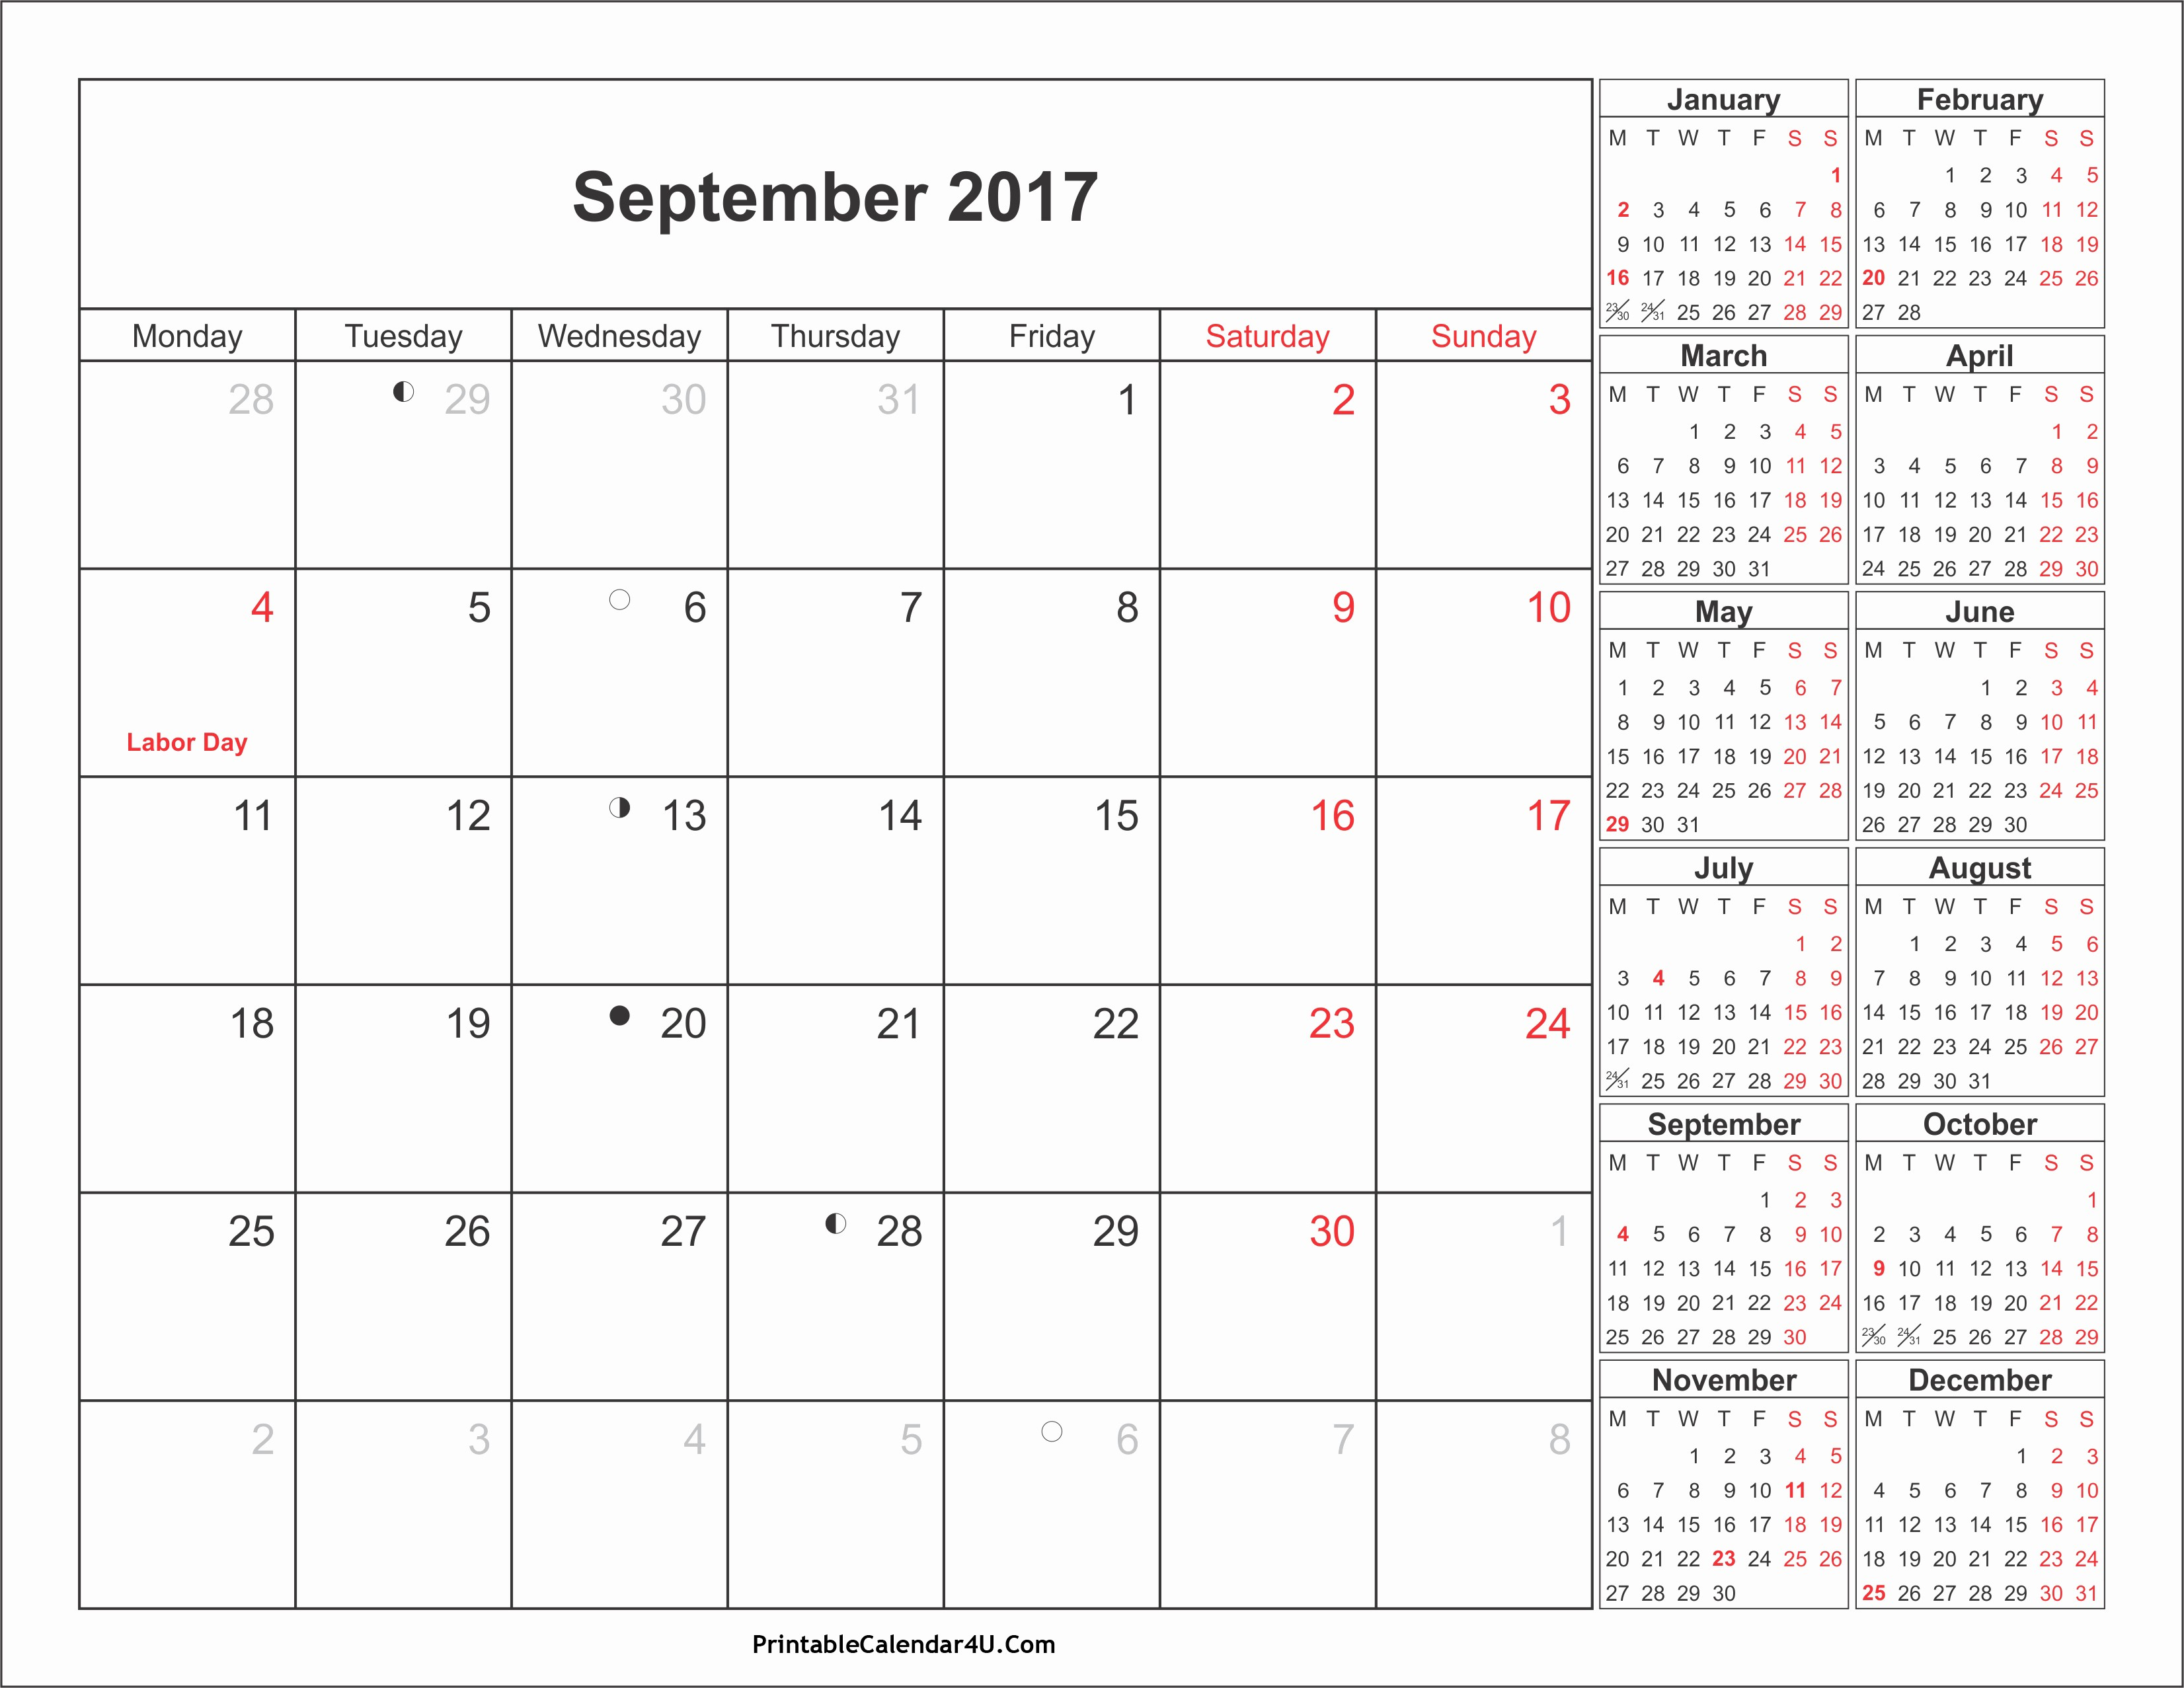 September 2017 Printable Calendar Word Lovely September 2017 Calendar Pdf